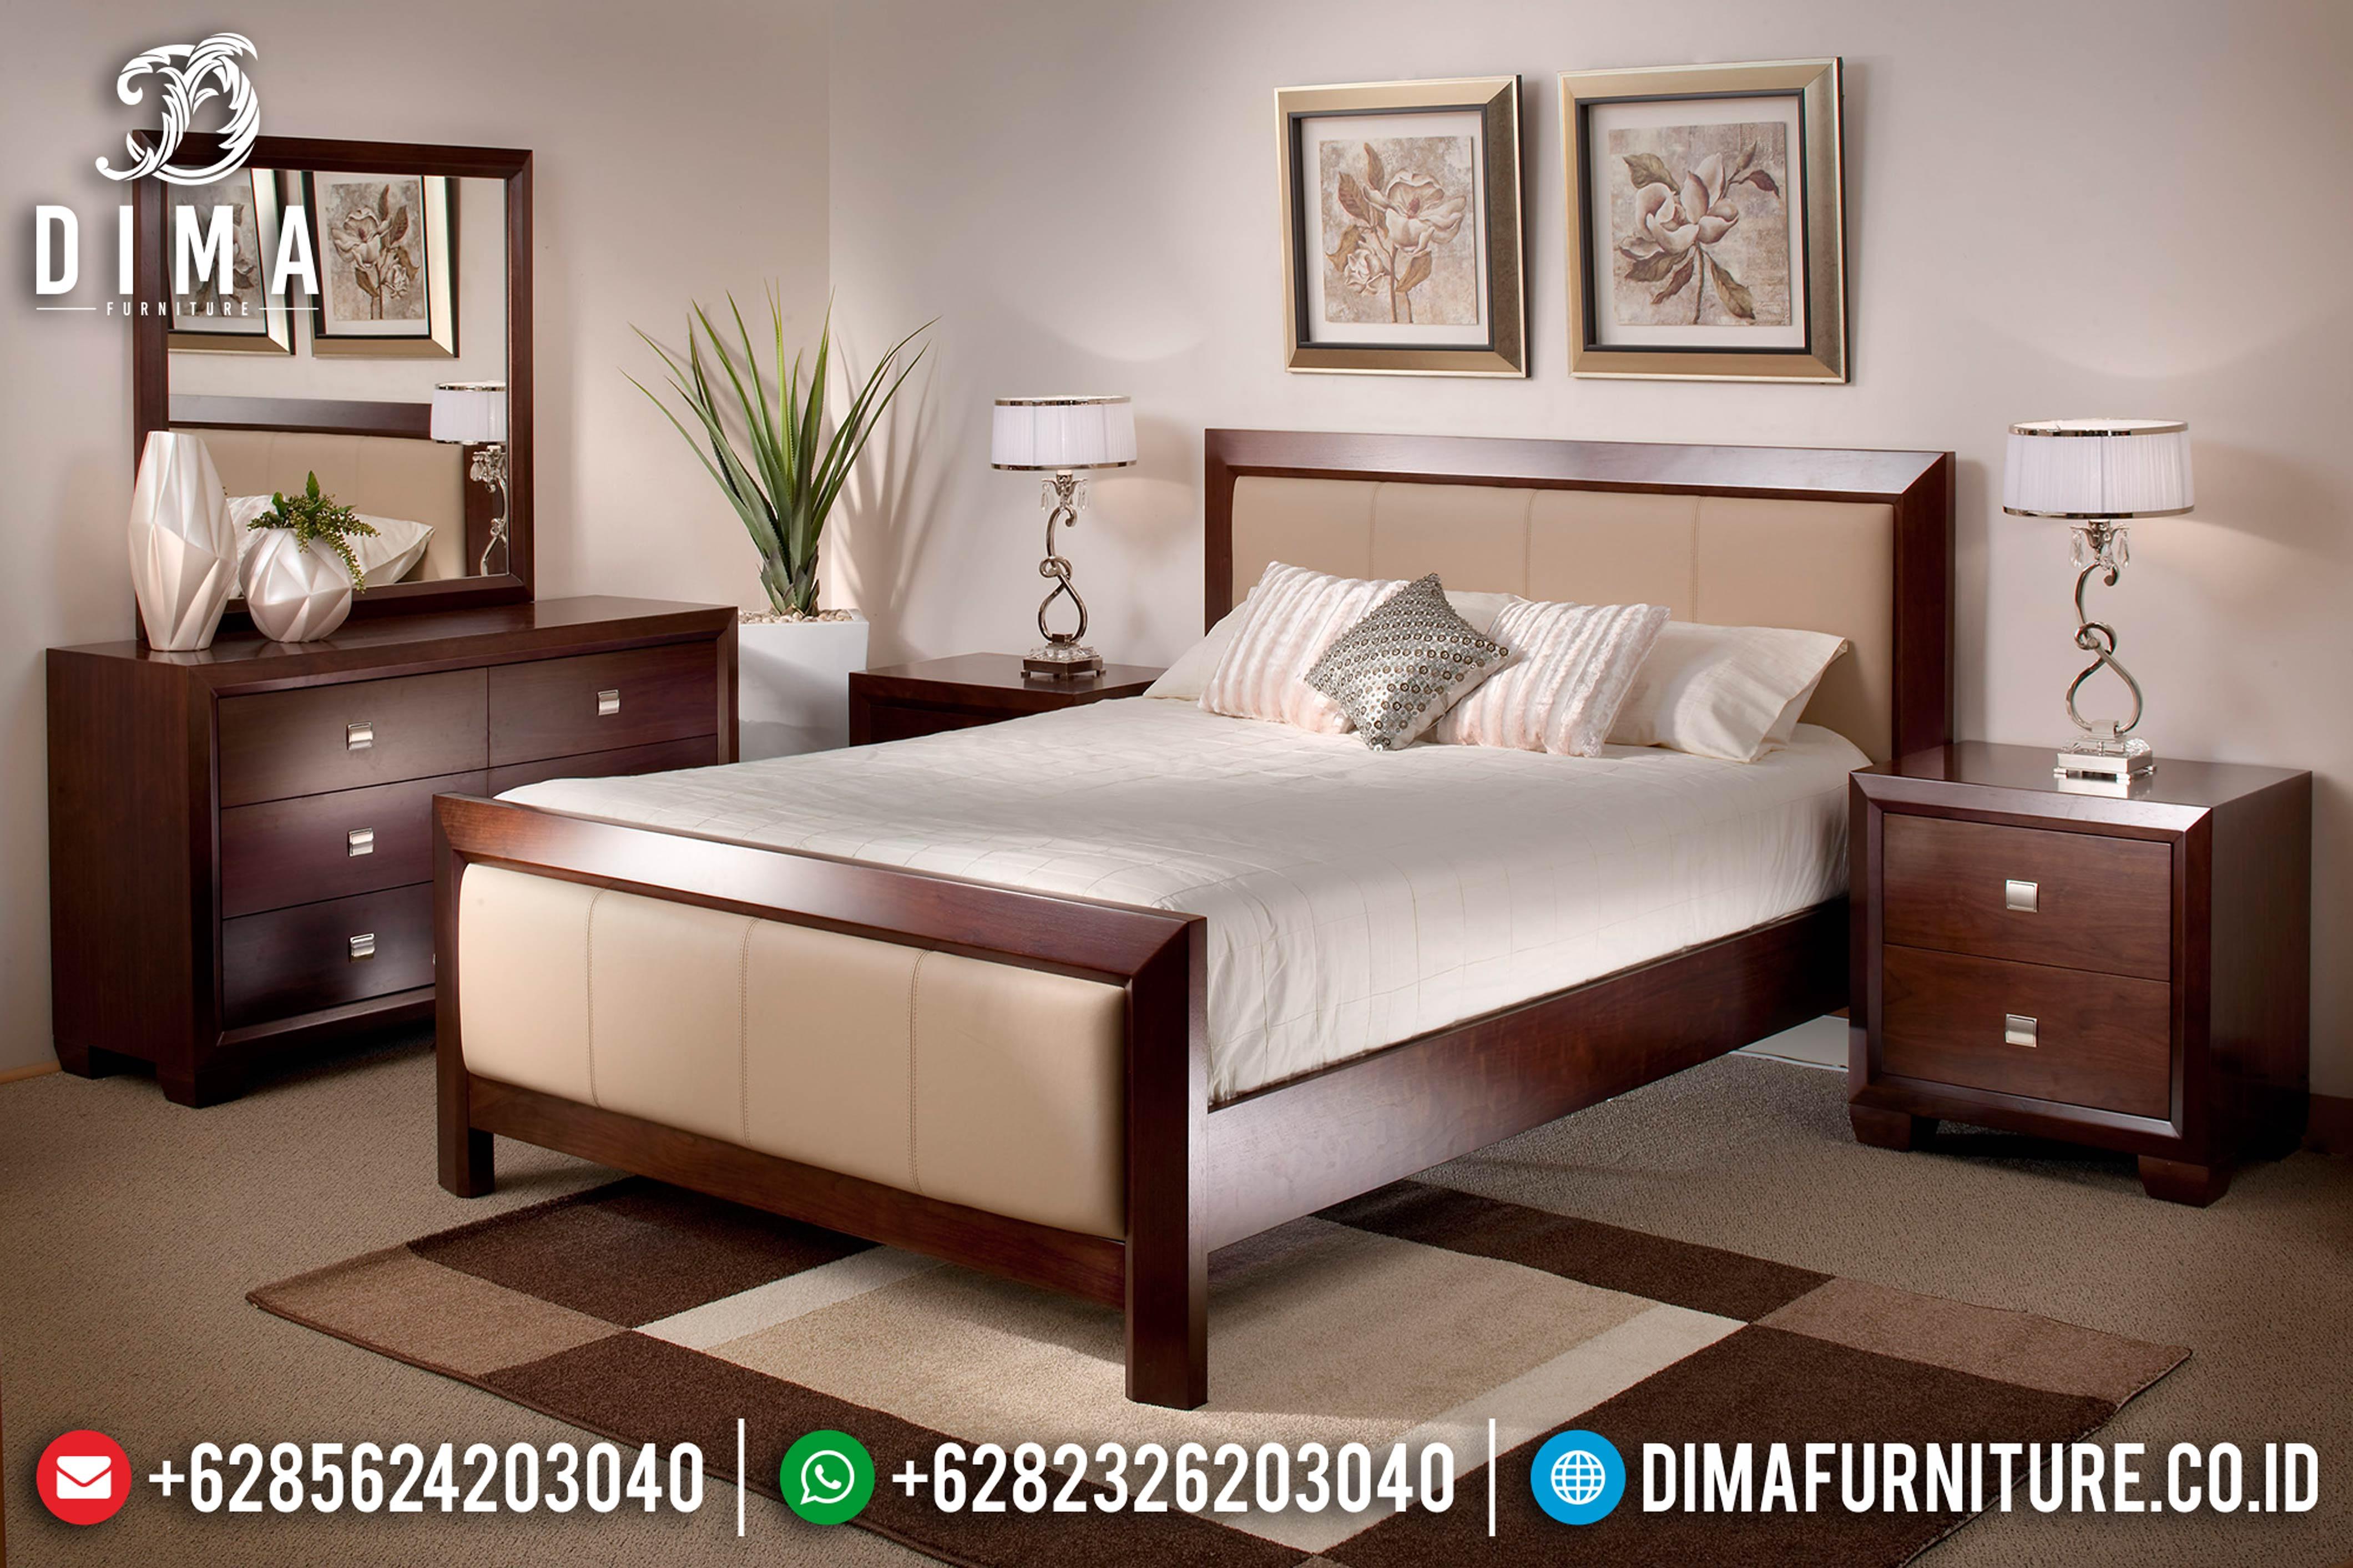 Kamar Set Tempat Tidur Jepara Minimalis Terbaru 2019 DF-0897